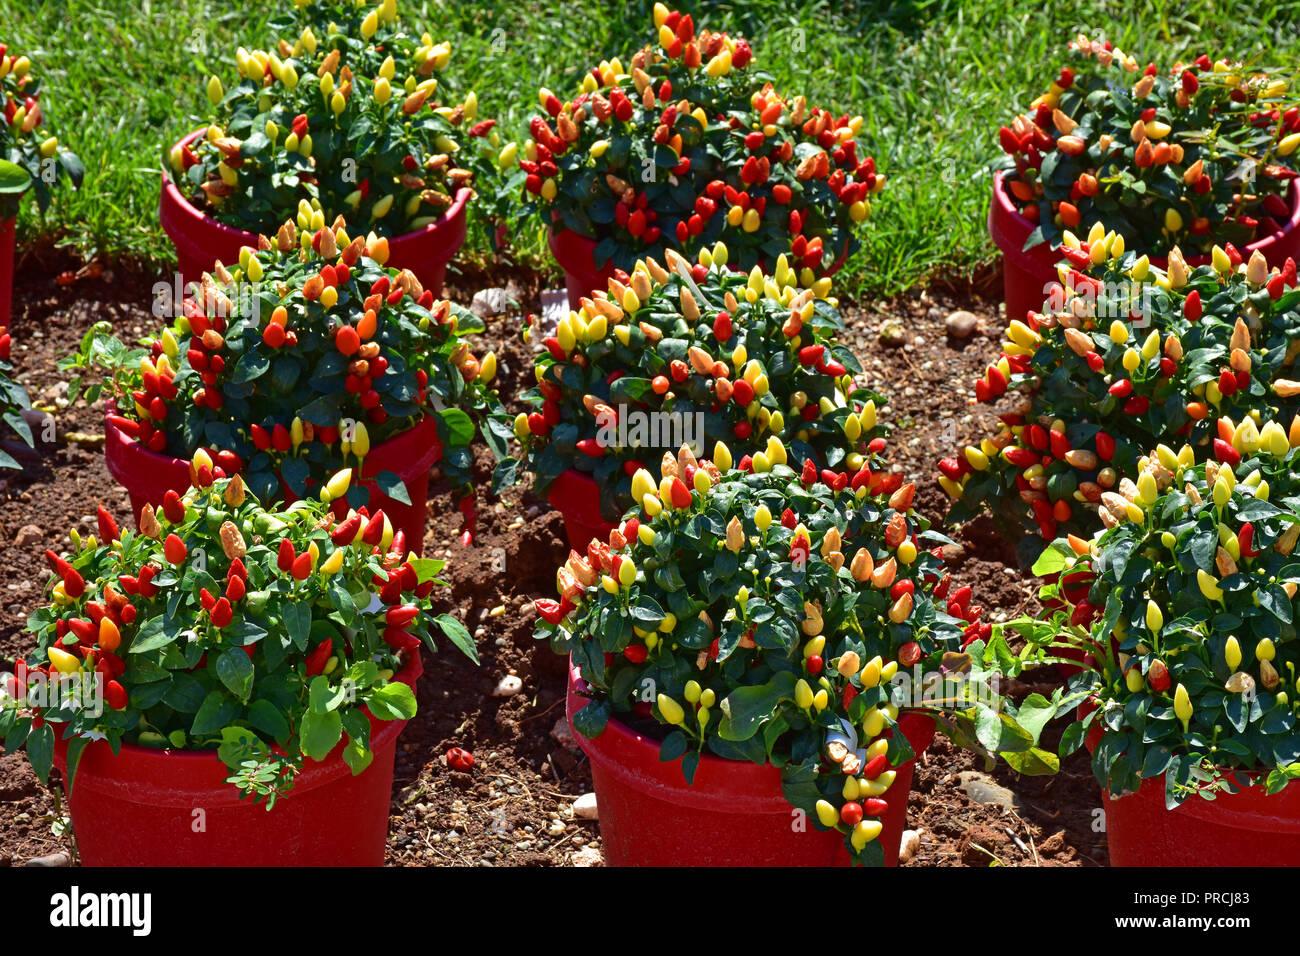 Spicy Red piante di pepe per la cucina Foto & Immagine Stock ...